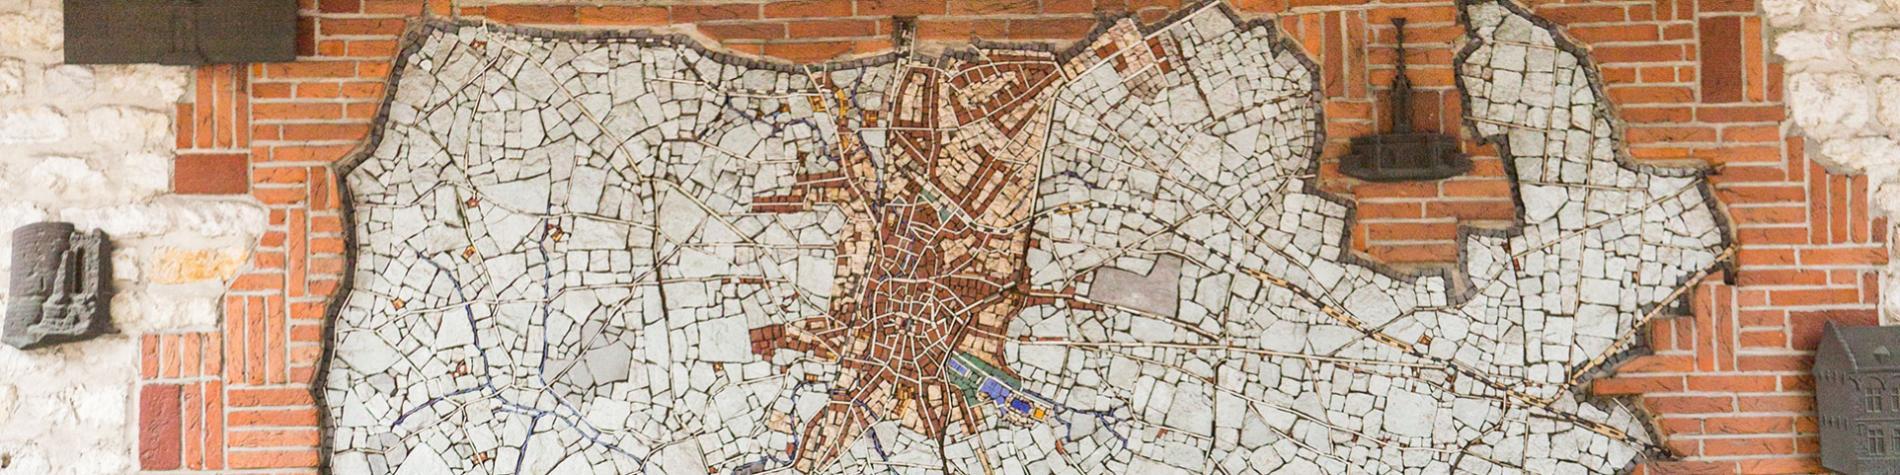 Nivelles - Porte de Saintes - Plan mural